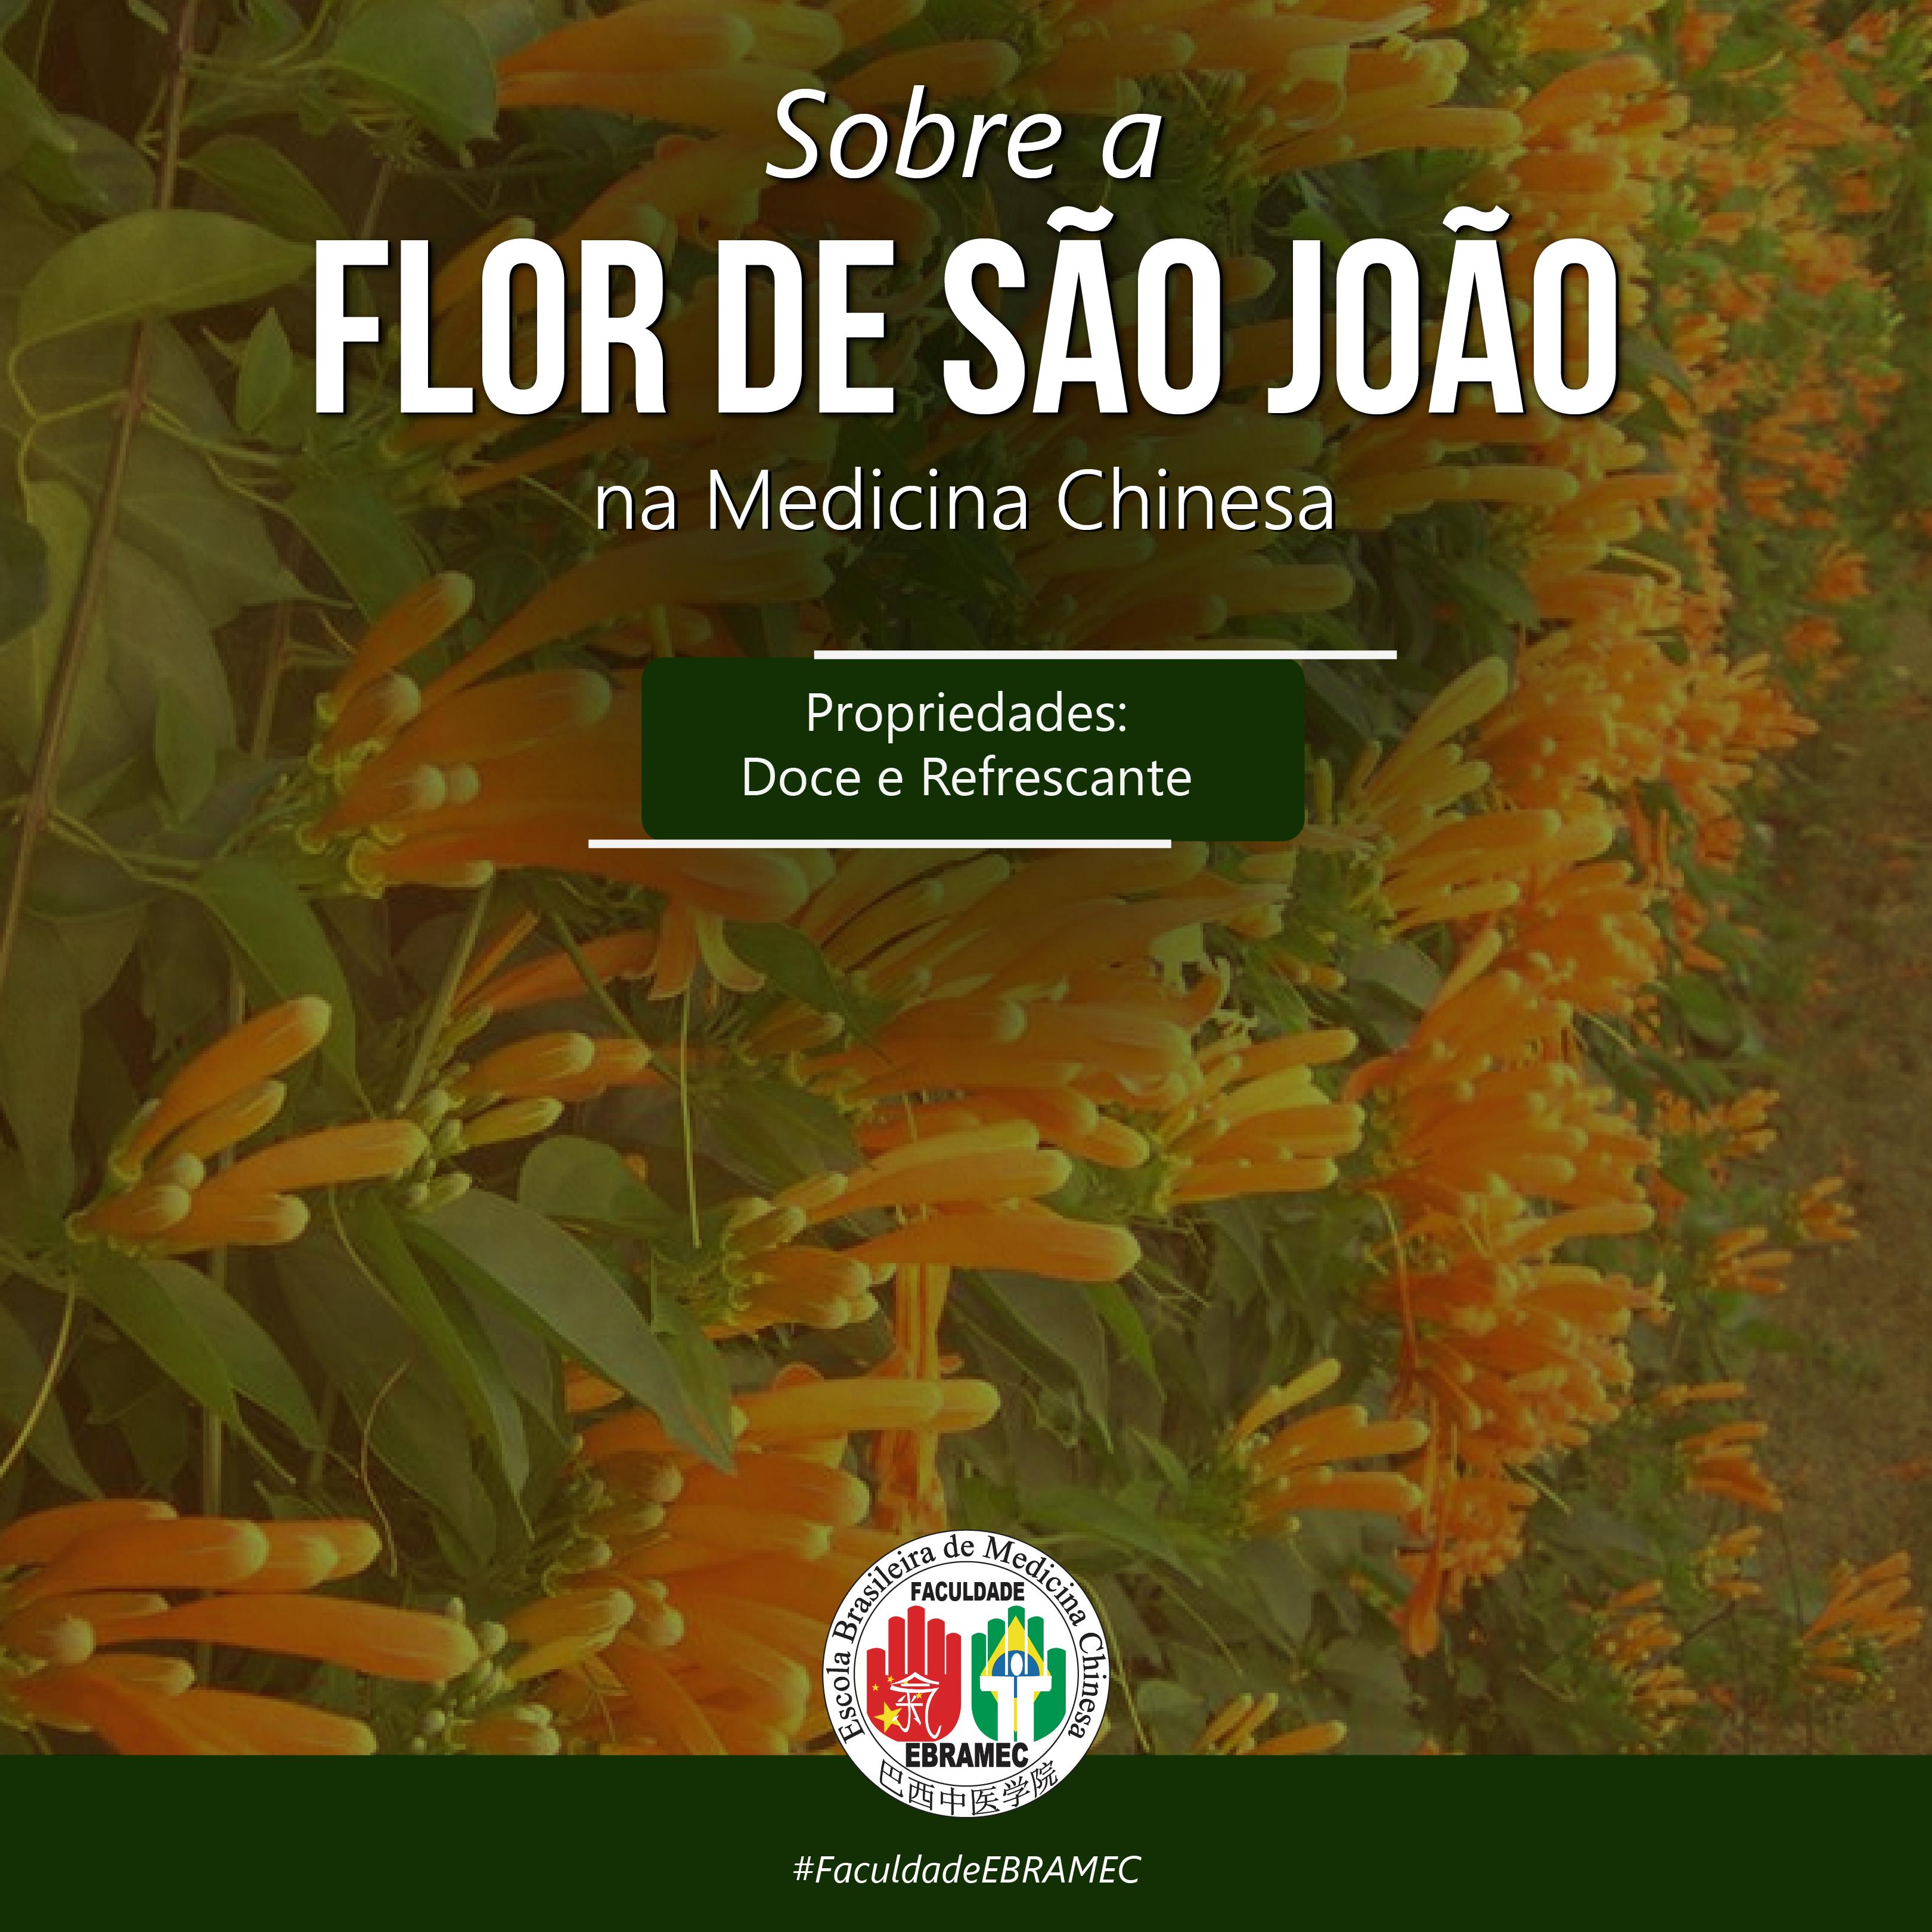 Flor-de-são-João-dicaPrancheta-1-cópia-19@3x-100 Dica de Erva Brasileira na Fitoterapia: A Flor de São João